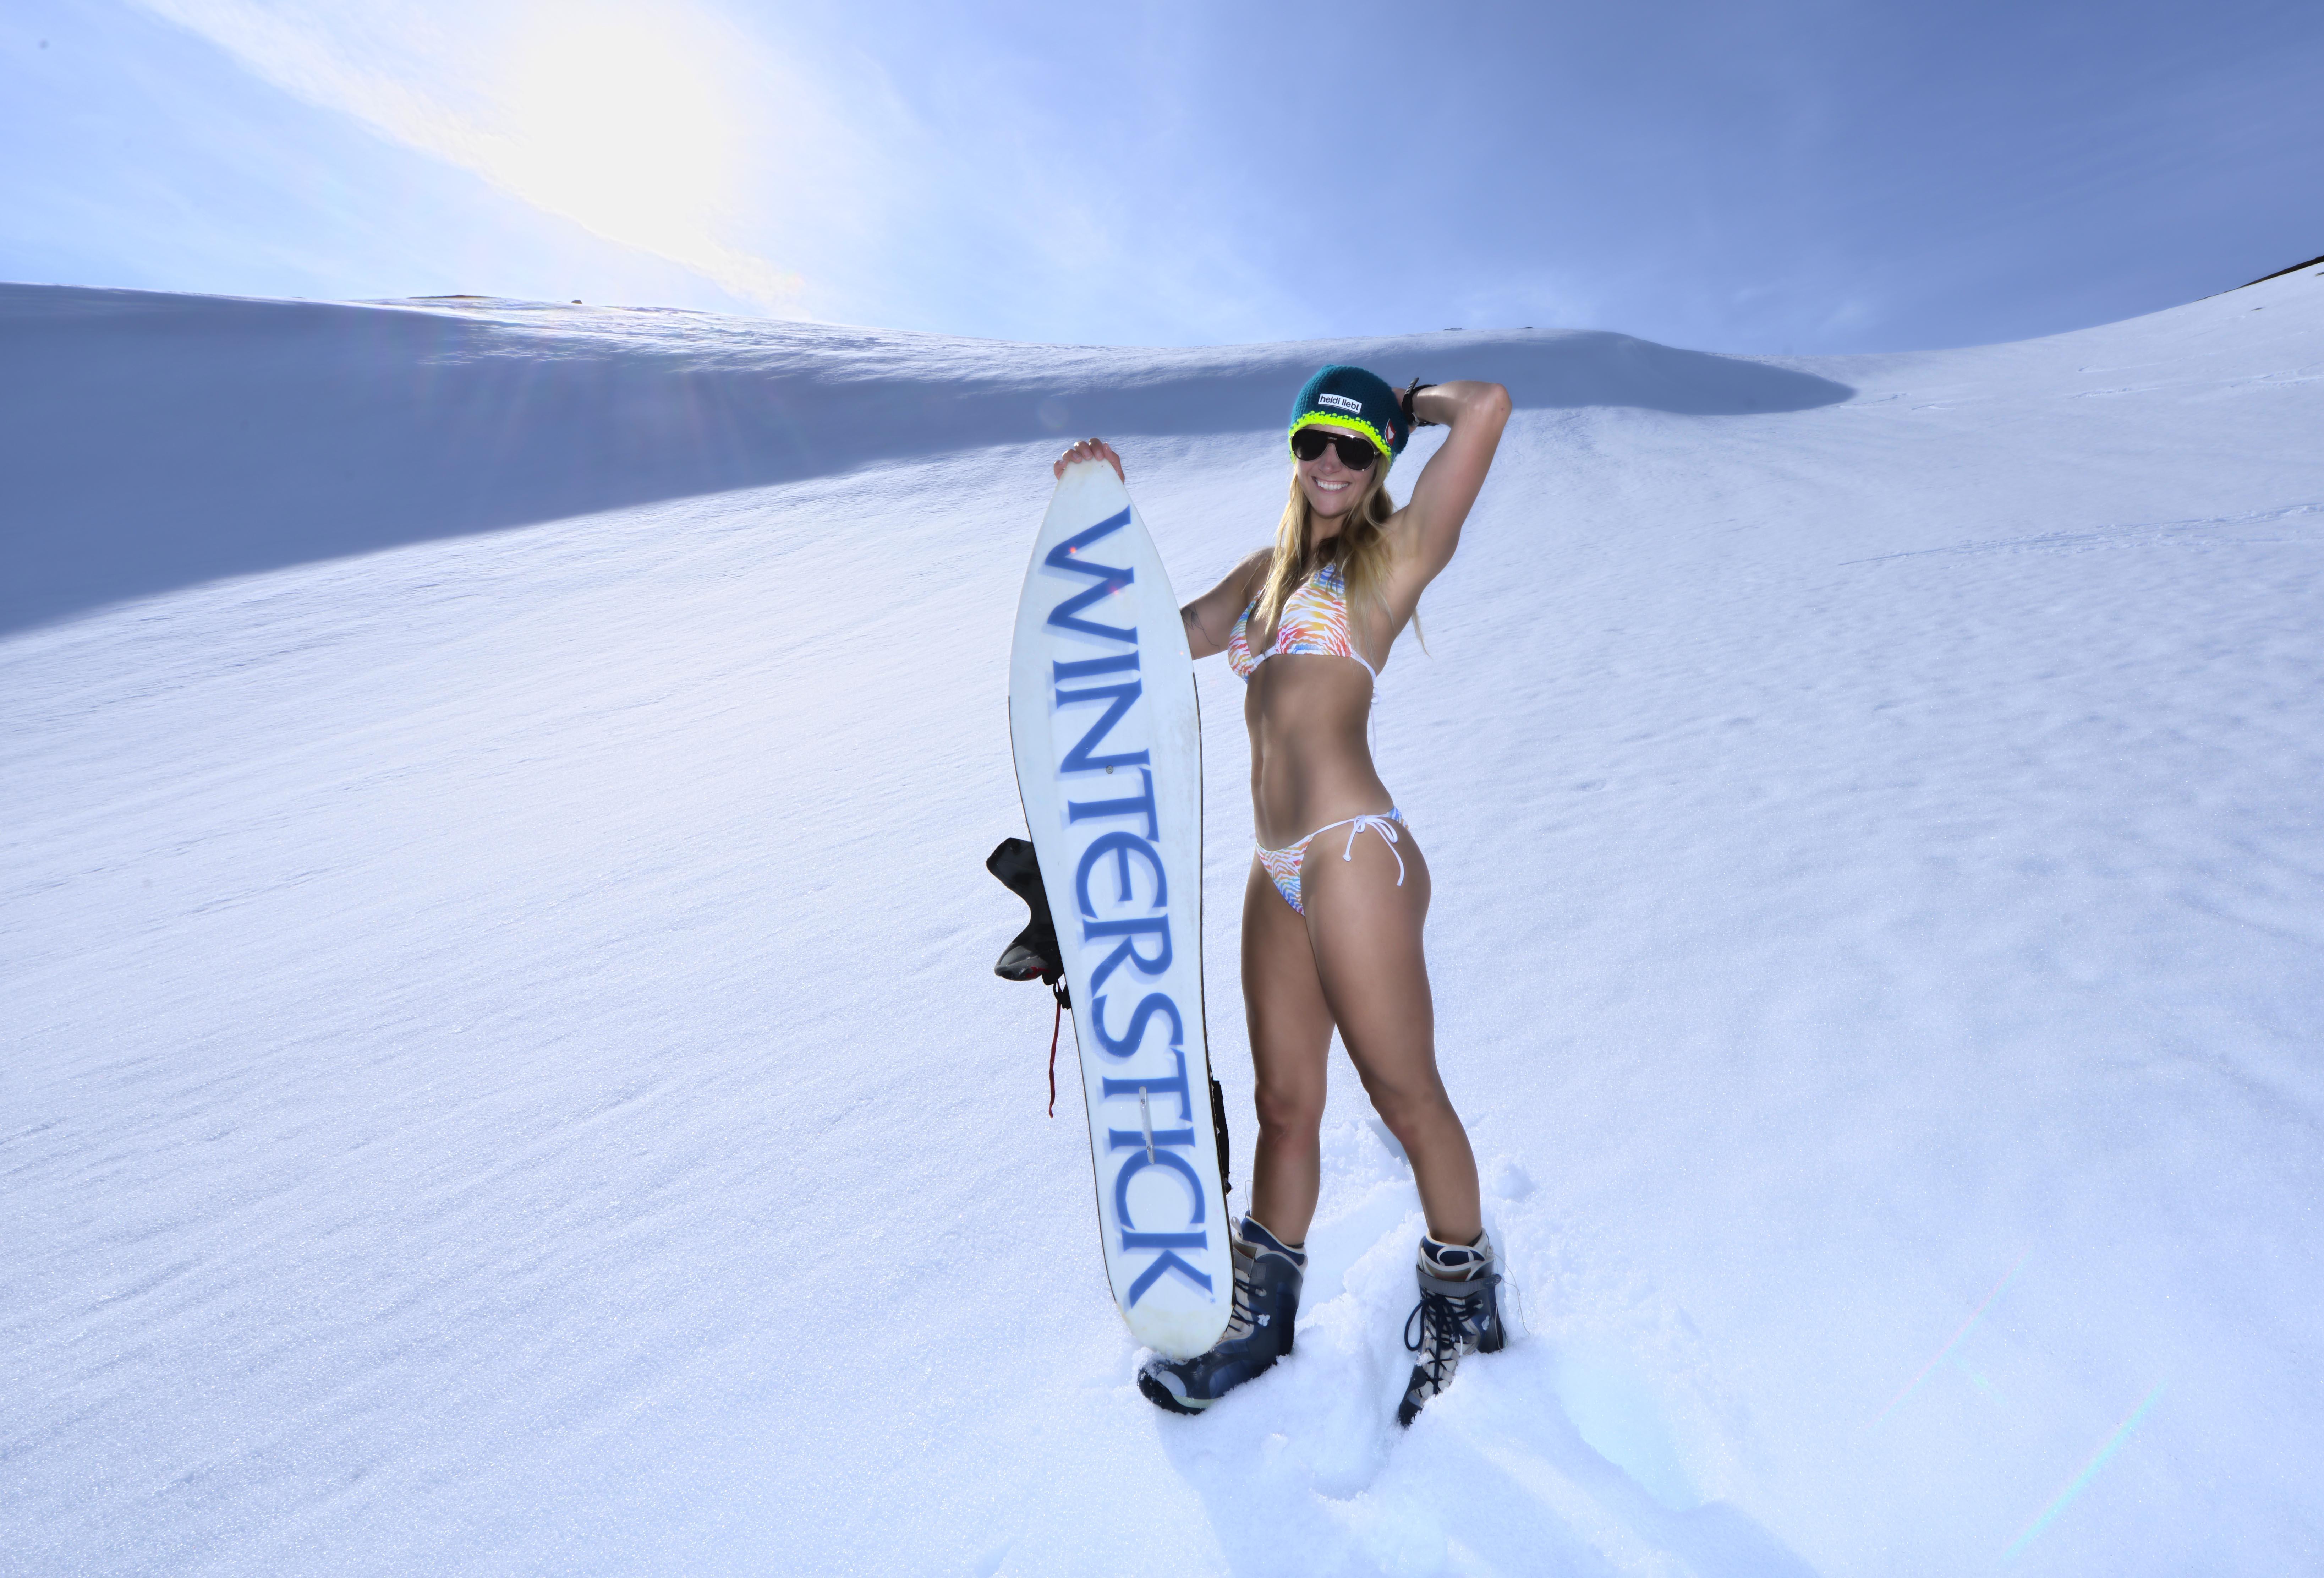 Видео с голая лыжница